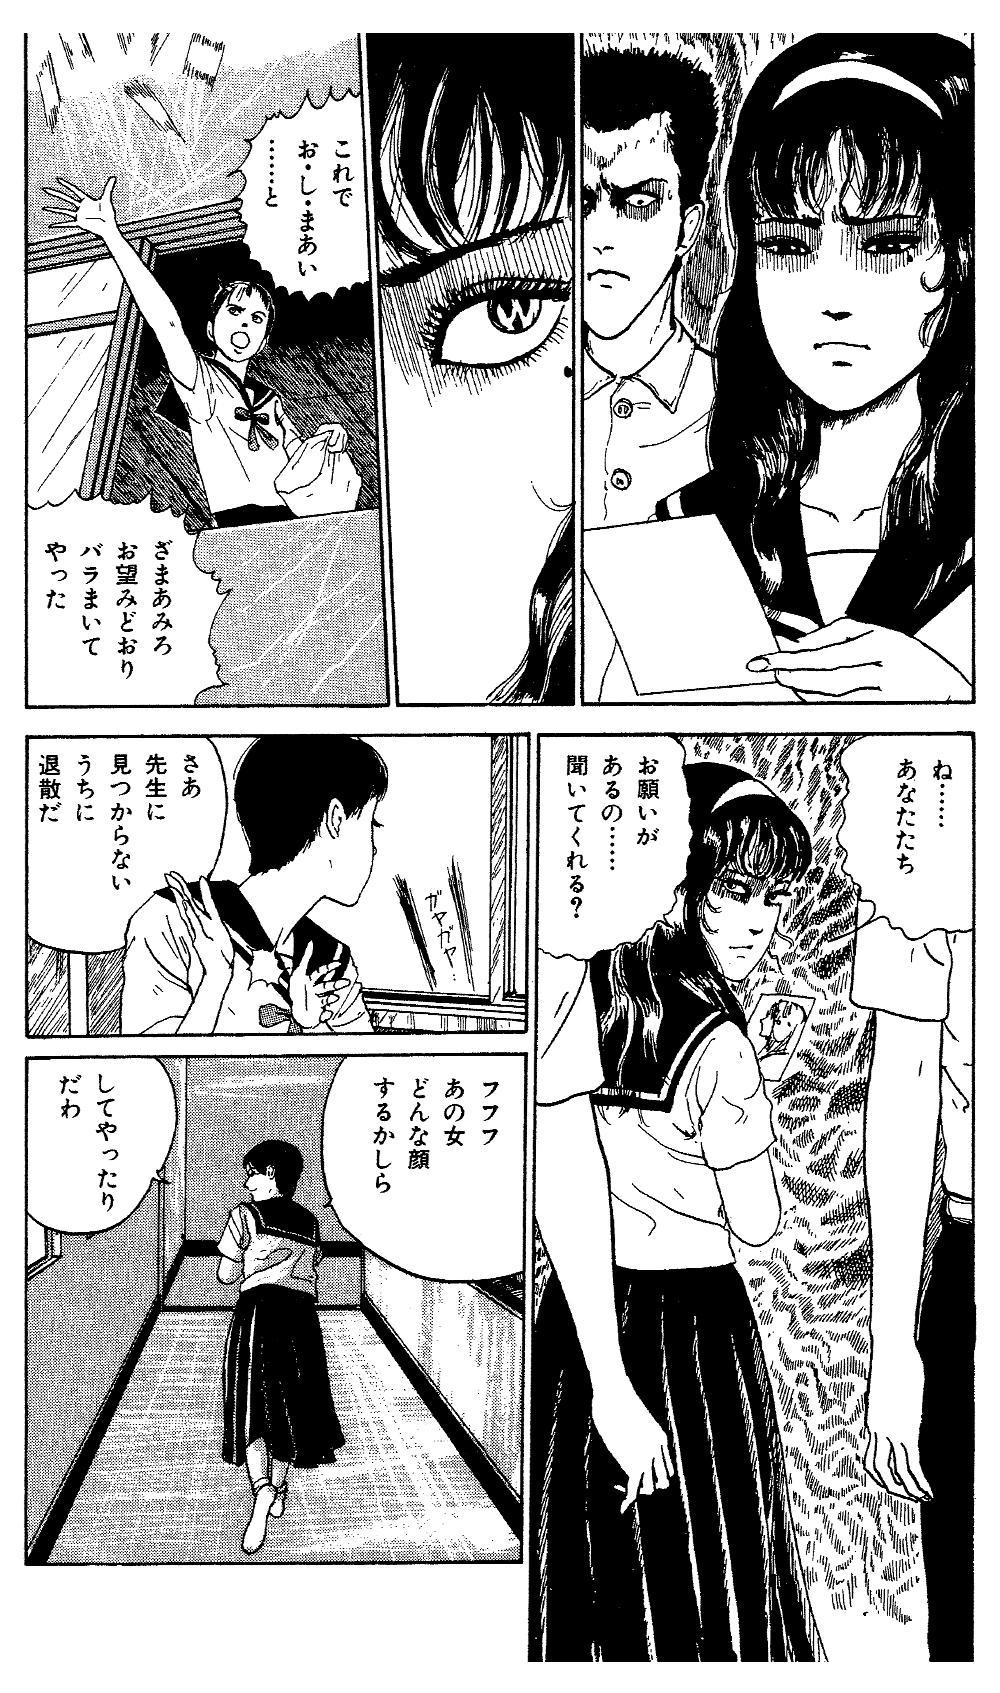 伊藤潤二傑作集 第4話「富江 写真」③junji12-06.jpg